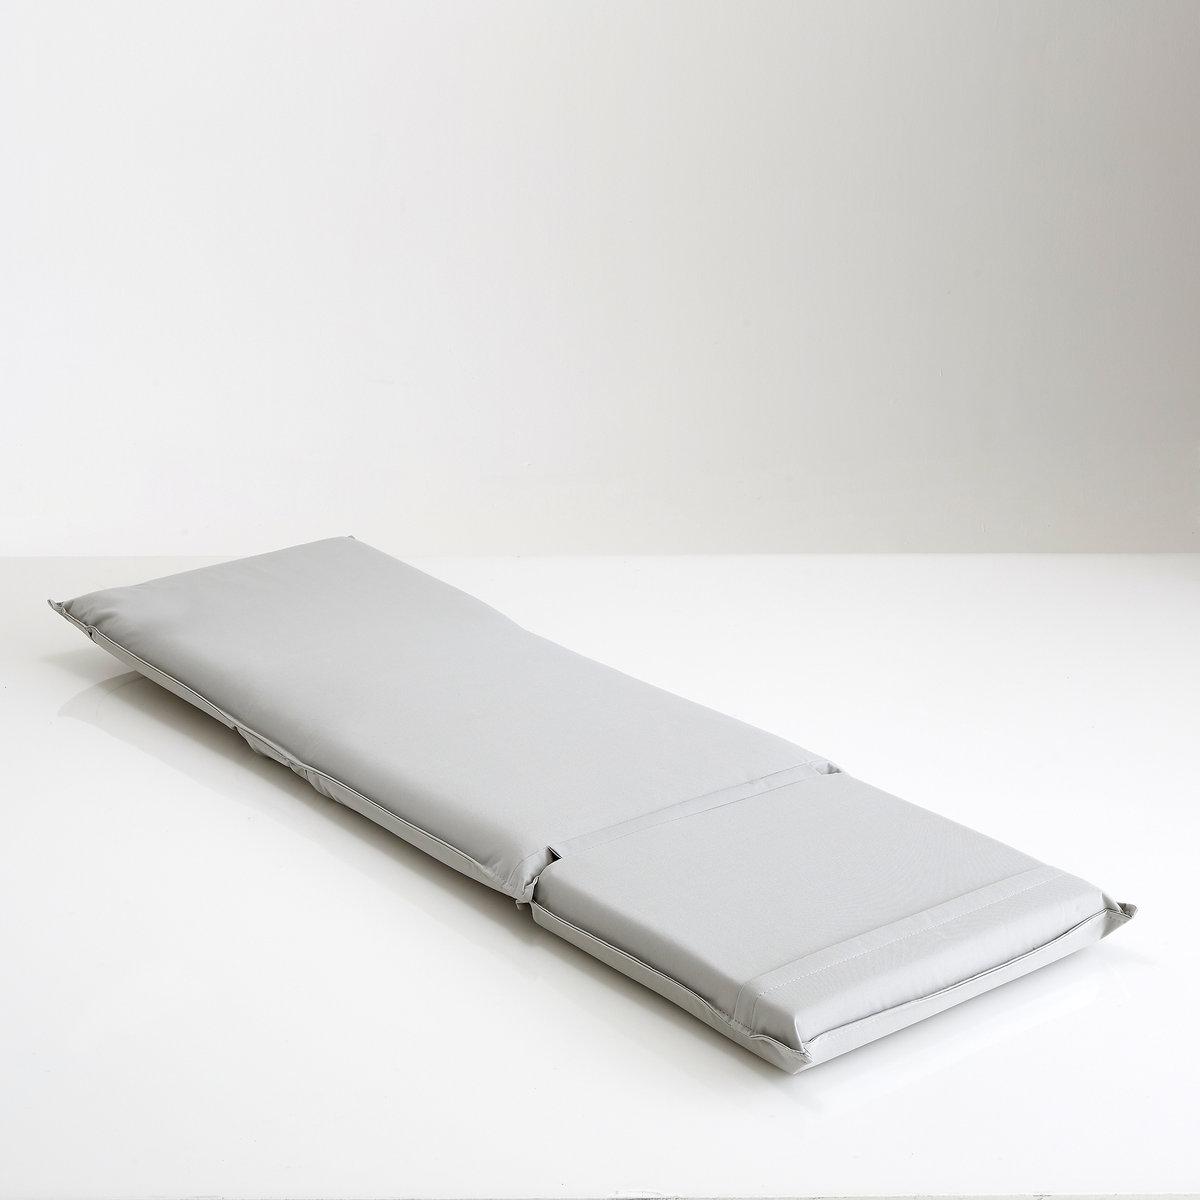 Складной матрас для пляжа, BethМатрас для пляжа, 3 модных цвета. Идеален благодаря чехлу с ручкой... Для вашего максимального комфорта!Характеристики матраса для пляжа, Beth  :Защитный слой из полиуретановой пены 20 кг/м?.Покрытие из водостойкого полиэстера 600D.Матрас складывается в 3 раза, металлический фиксатор на спинке.5 возможных положений спинки + разложенное положение.Металлическая конструкция.Чехол с ручкой.Размеры матраса для пляжа, Beth  (в разложенном положении) :Ширина : 55 см (полезная ширина : 51 см).Высота : 9,5 см.Длина : 171 см.Размер и вес с упаковкой :1 упаковкаШир. 60 x Выс. 26 x Гл. 52 см.5,5 кг.Доставка :Матрас для пляжа Beth доставляется на дом по предварительной заявке, даже до квартиры !Внимание   ! Убедитесь, что посылку возможно доставить на дом, учитывая ее габариты.<br><br>Цвет: зеленый анис,синий<br>Размер: единый размер.единый размер